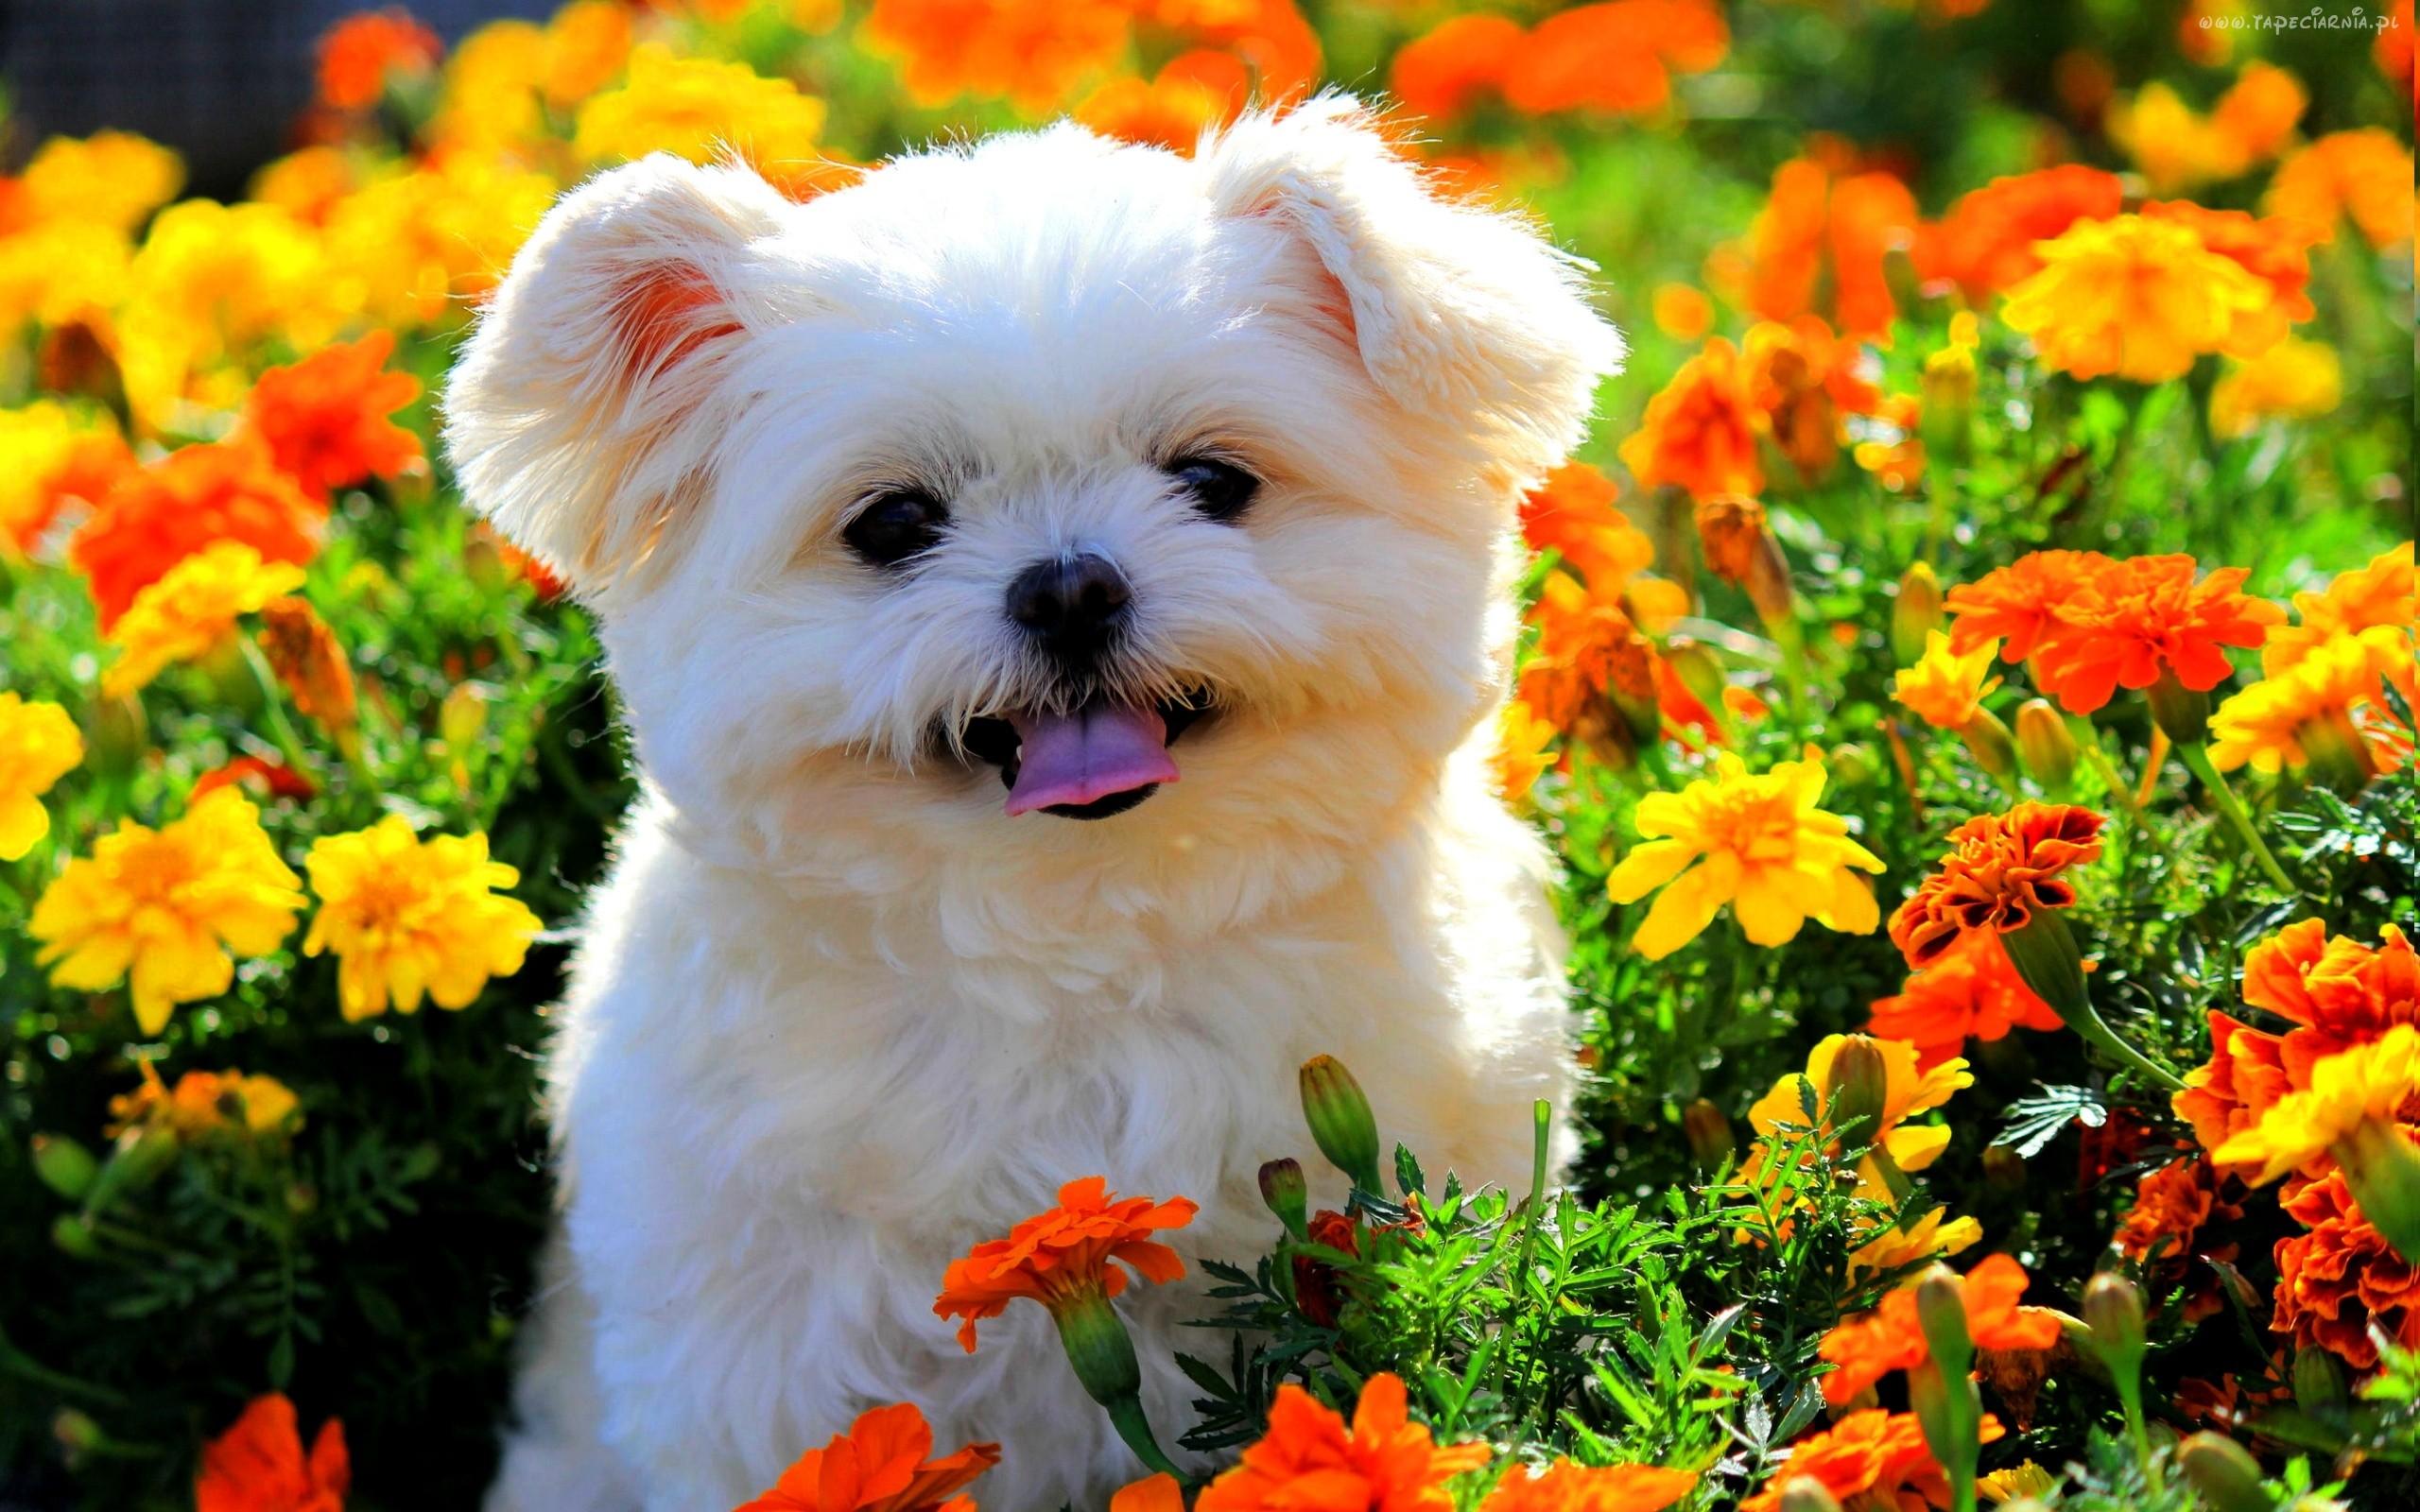 Click to enlarge image 167264 bialy piesek kolorowe kwiatkijpg 2560x1600